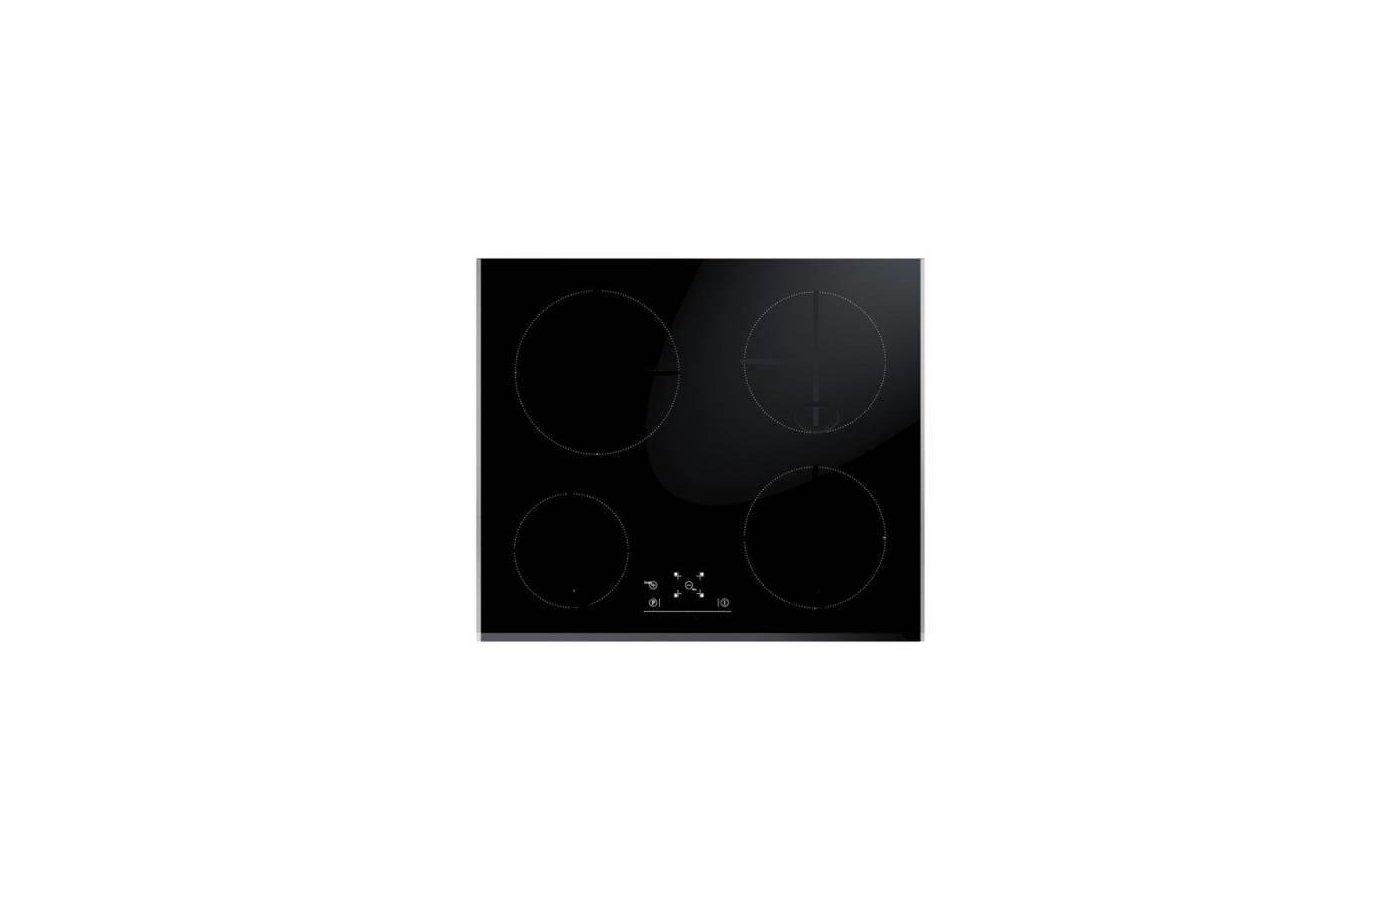 Варочная панель KORTING HI 64502 B